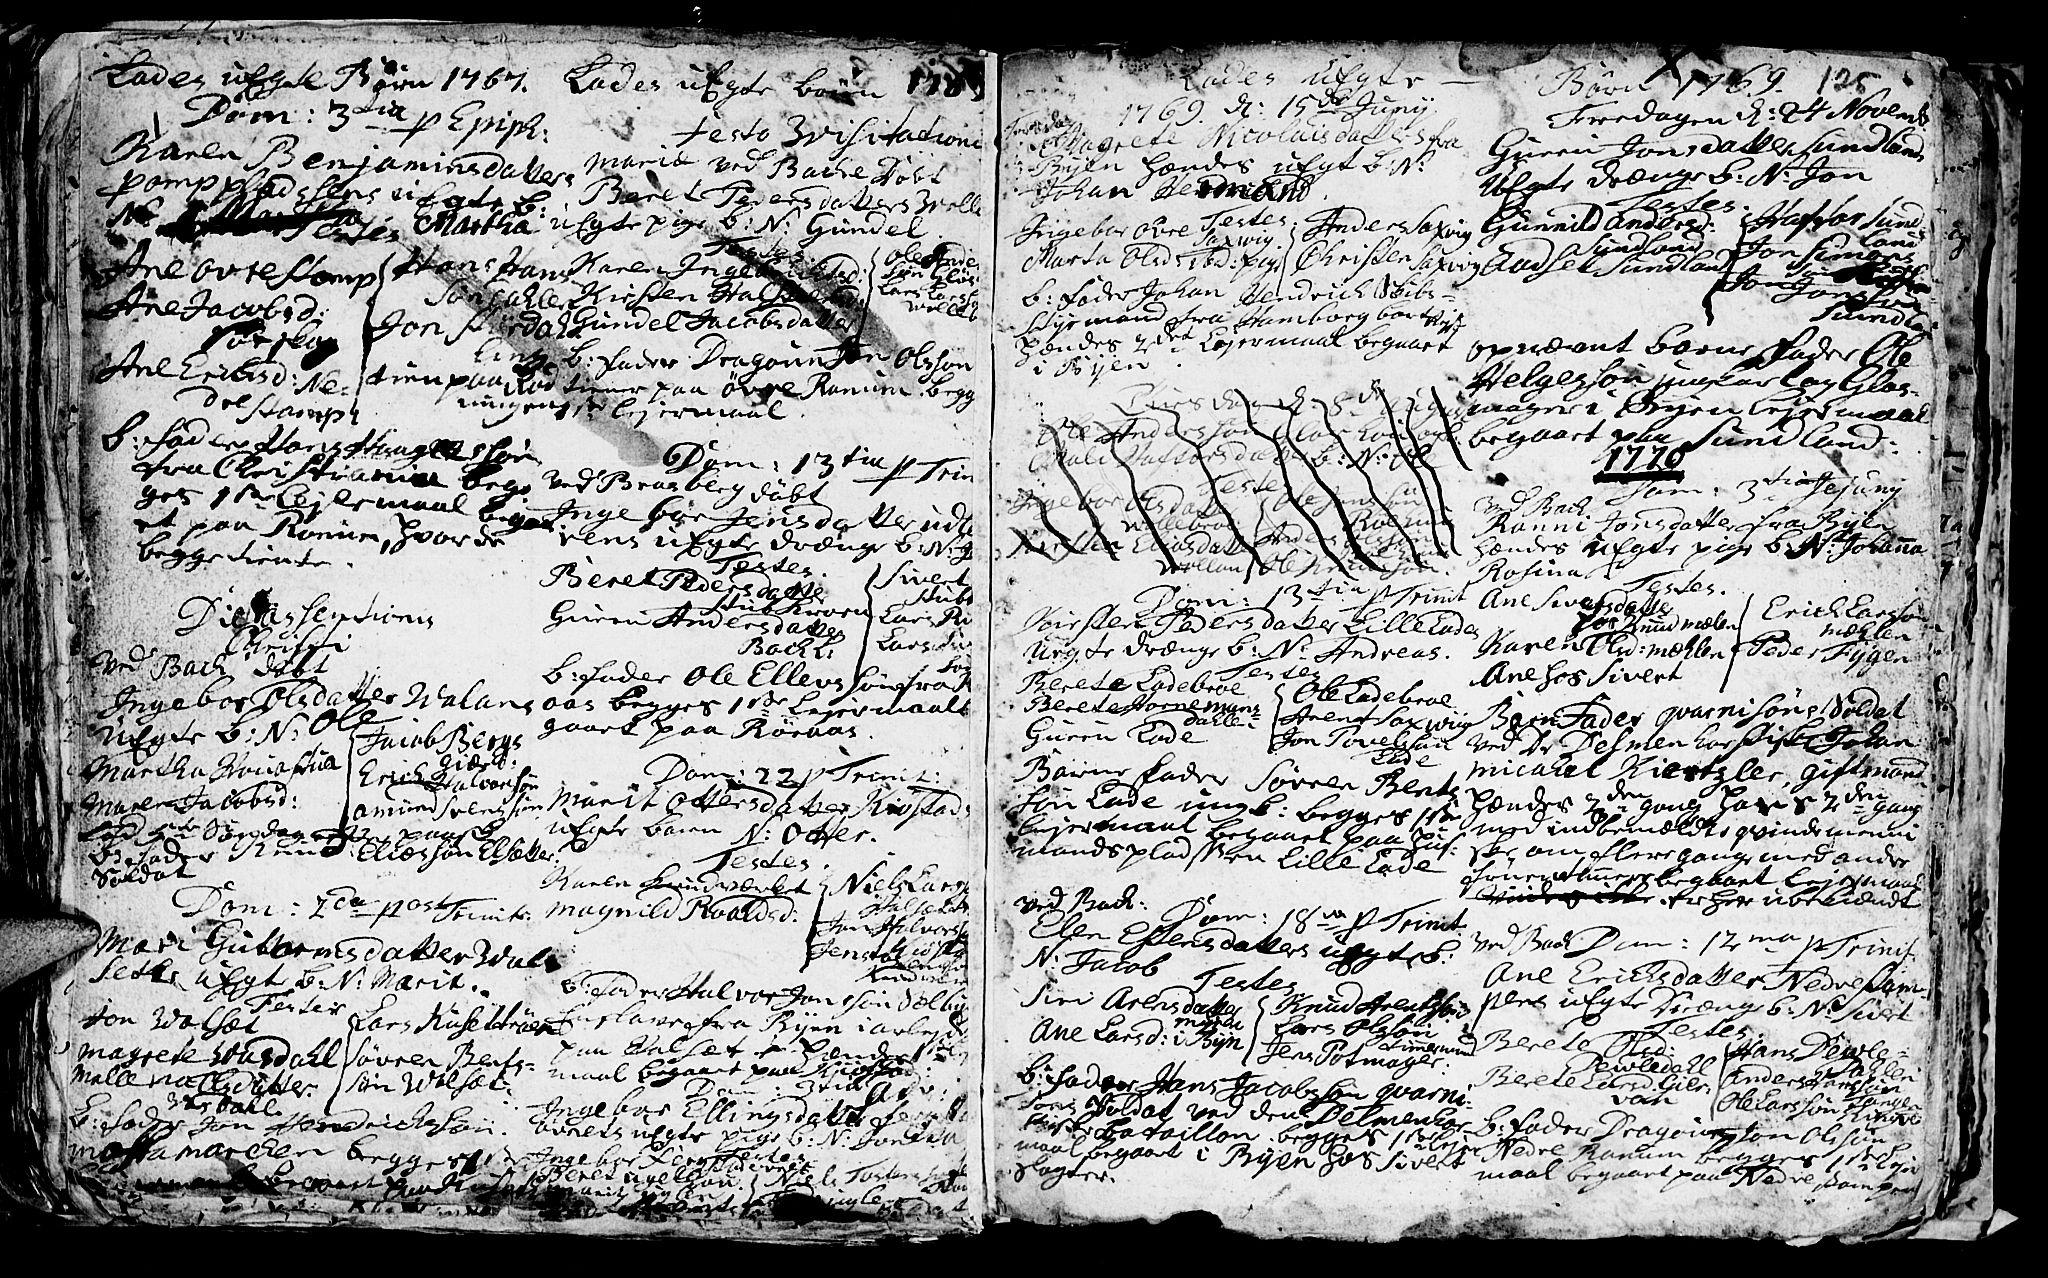 SAT, Ministerialprotokoller, klokkerbøker og fødselsregistre - Sør-Trøndelag, 606/L0305: Klokkerbok nr. 606C01, 1757-1819, s. 125